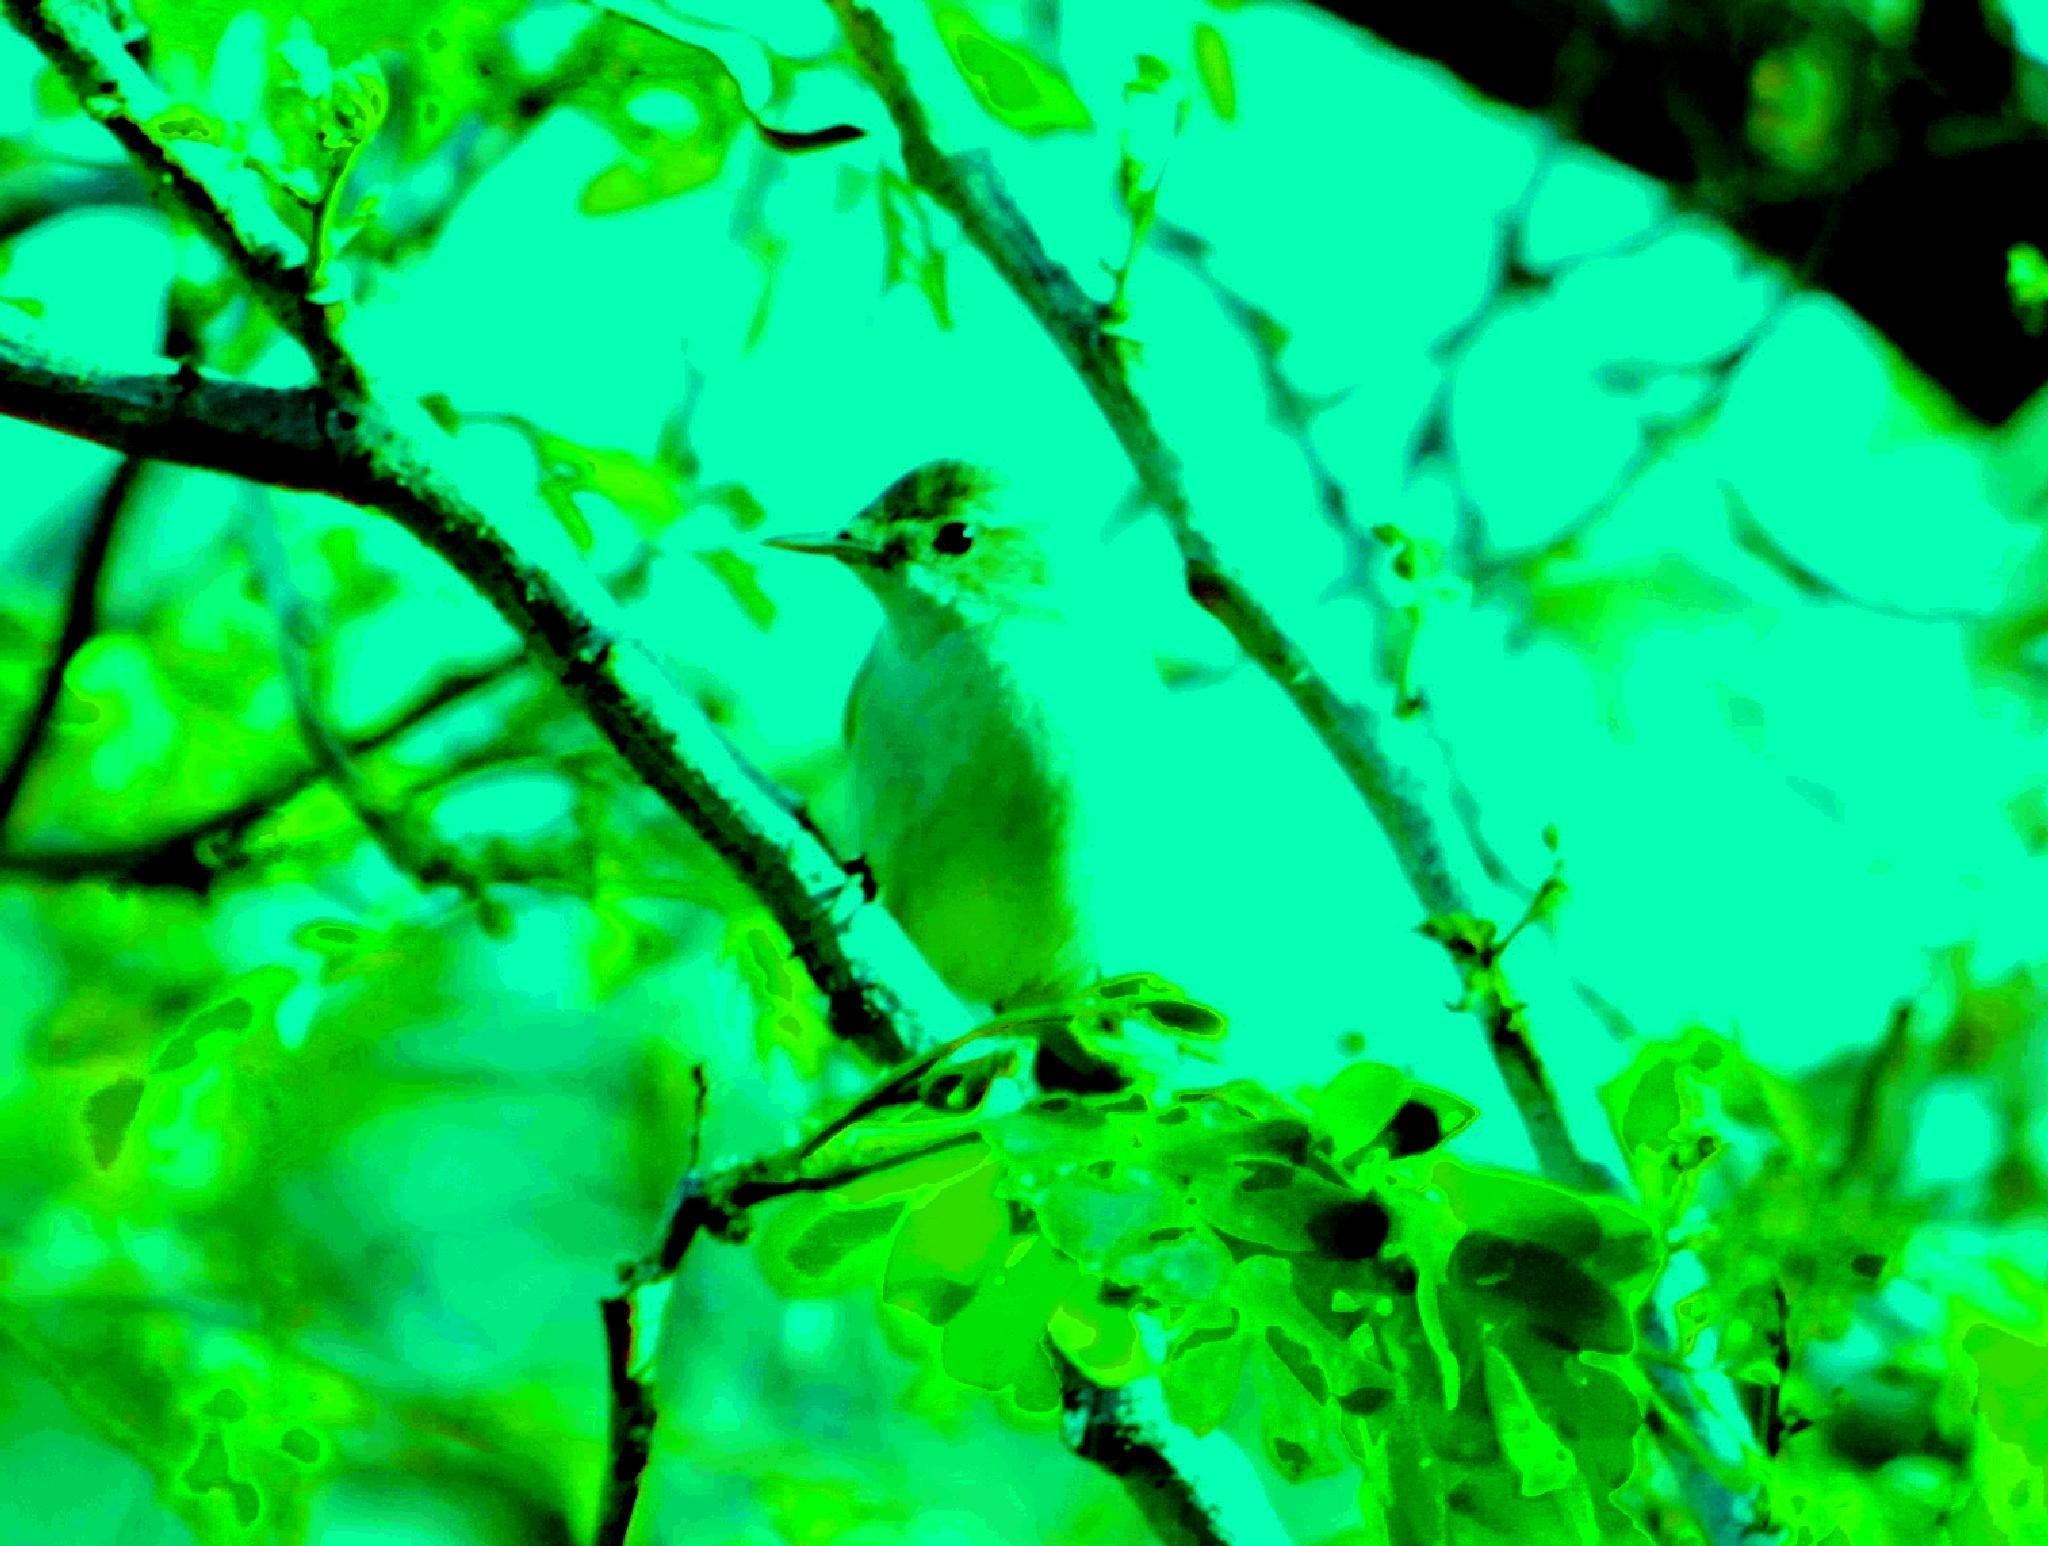 tree warbler by Sanjay Sinhasane